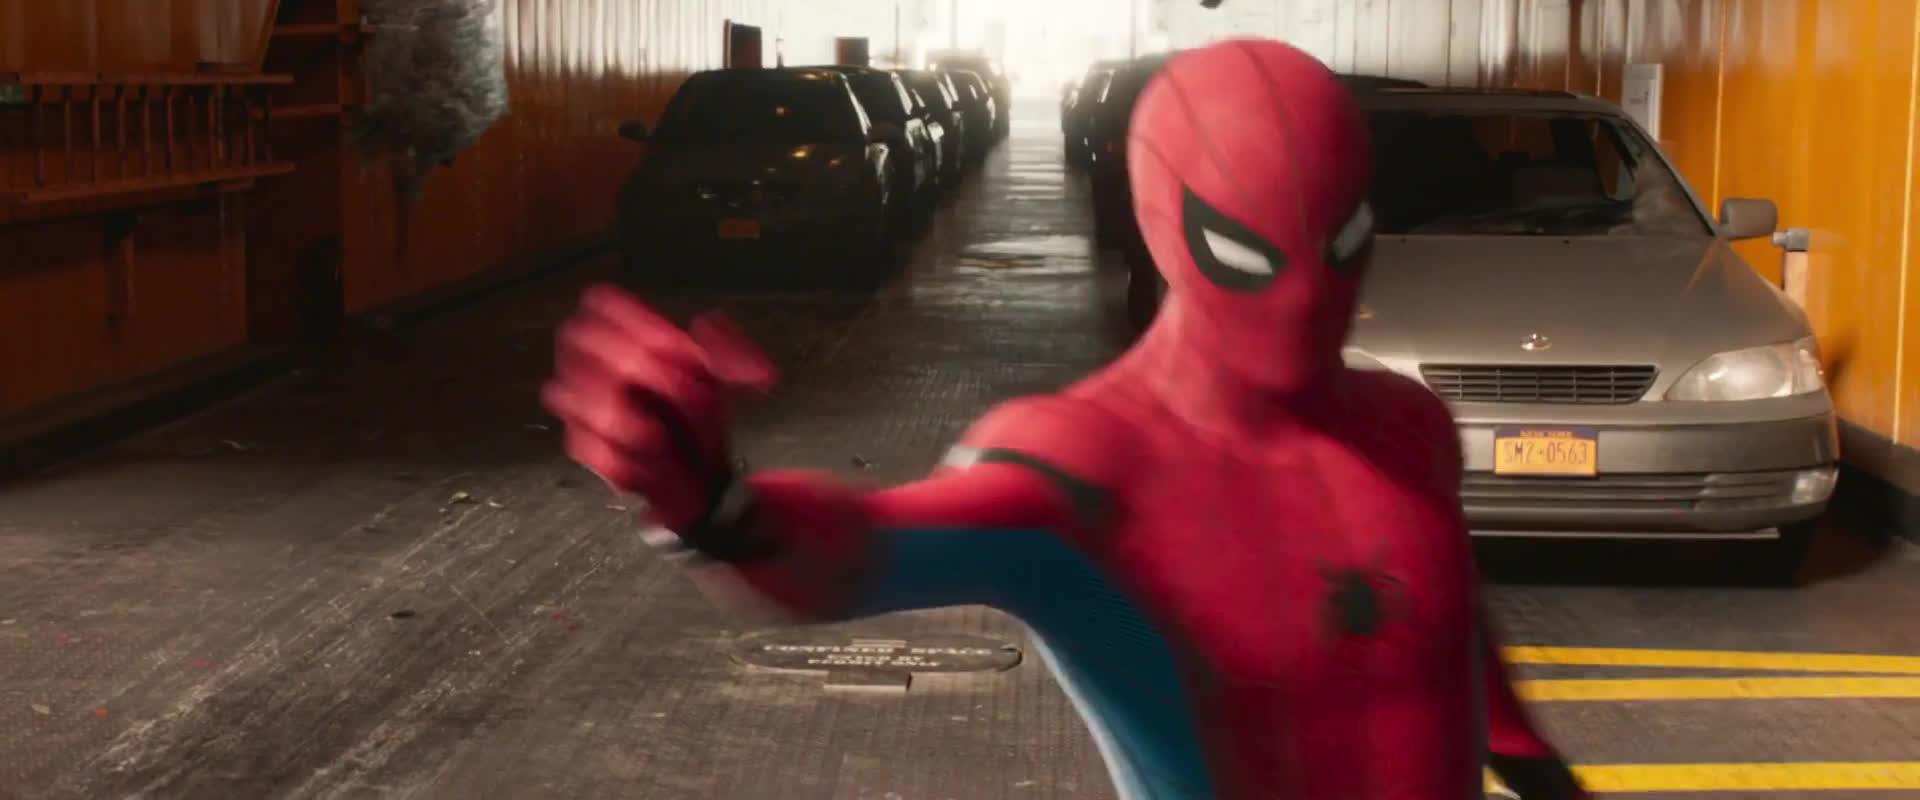 Người Nhện bị ác nhân kền kền hành tơi tả trong trailer cuối cùng của Spider-man: Home Coming